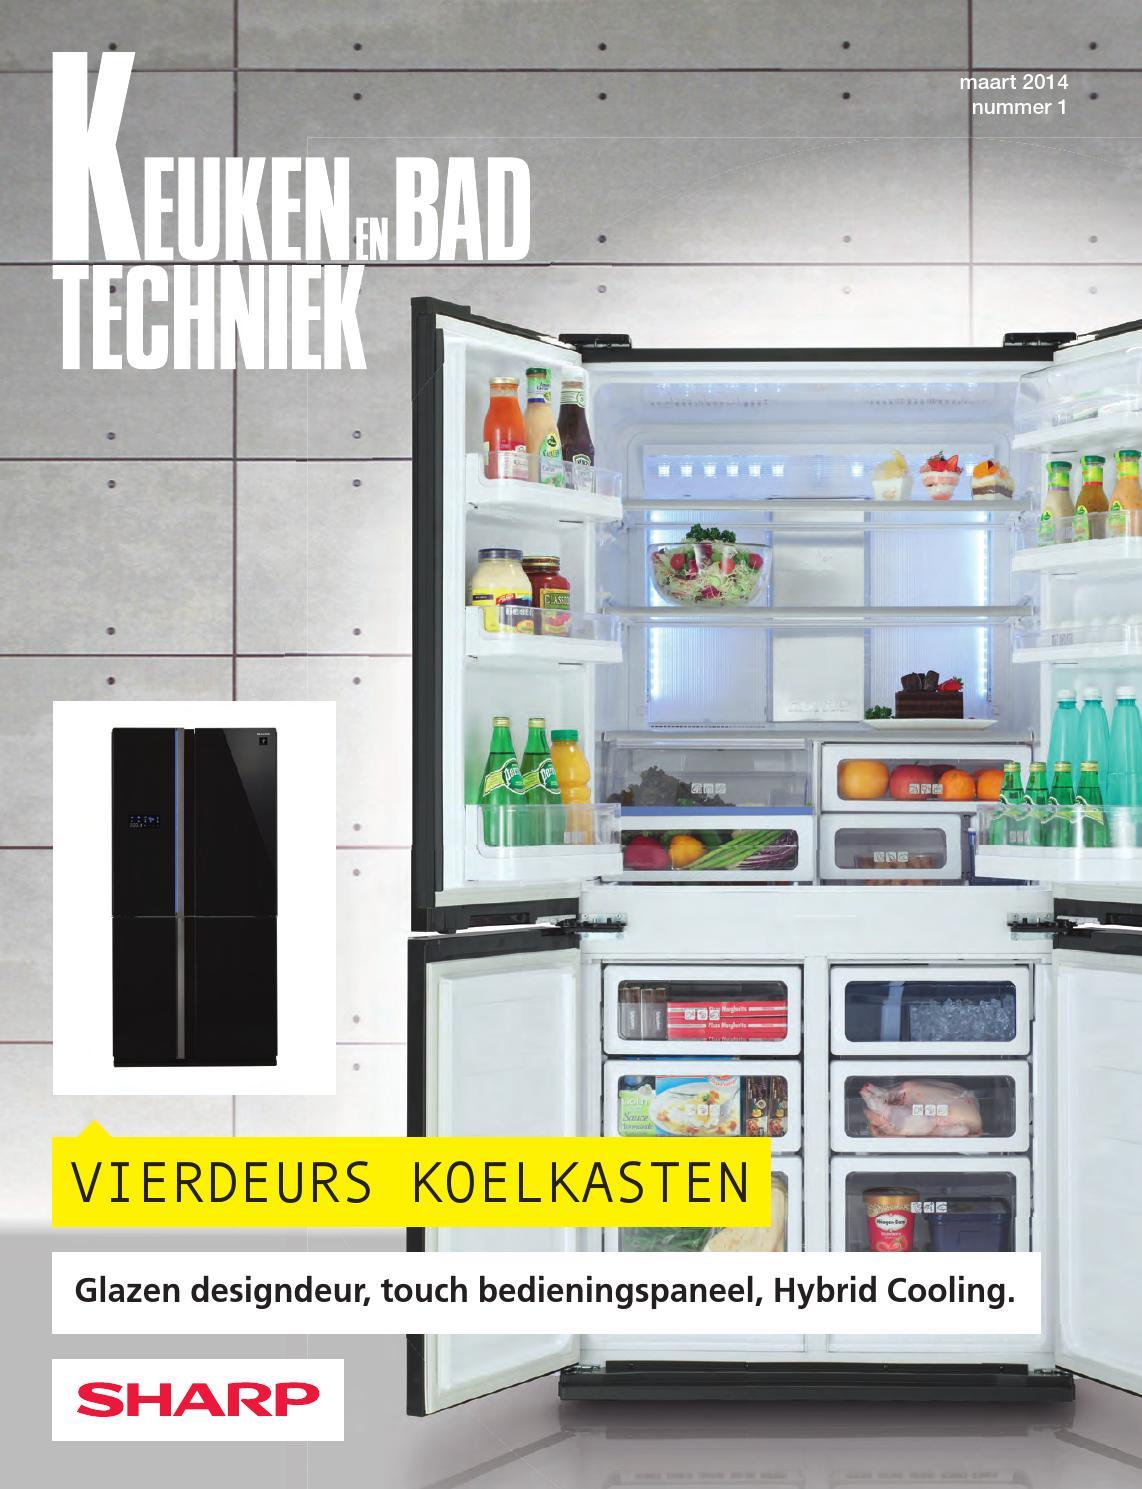 Keuken en Badtechniek no.1 maart 2013 by Uitgeverij De Schouw - issuu